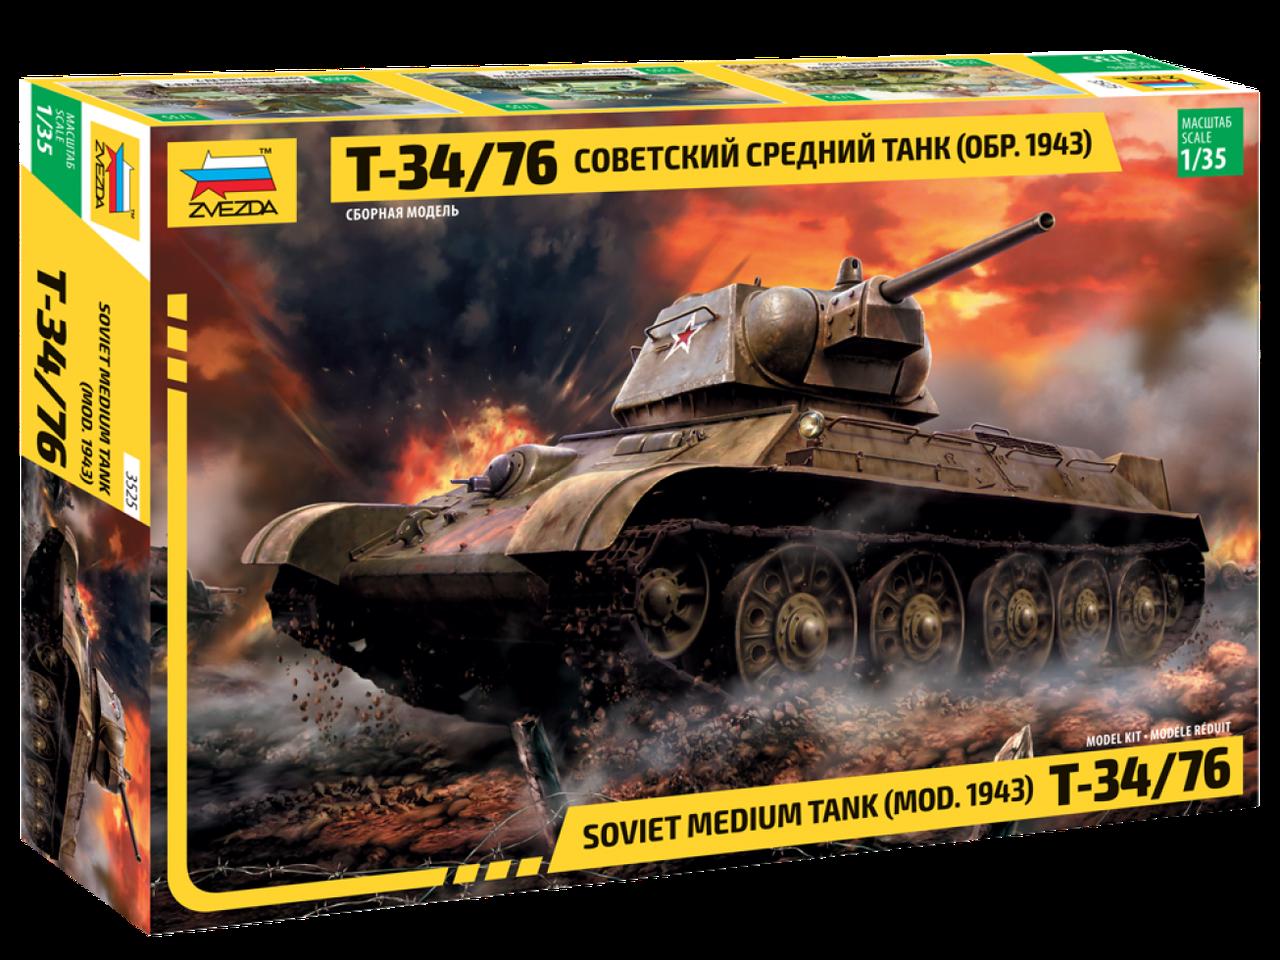 Советский средний танк Т-34/76 (обр. 1943 г.). 1/35 ZVEZDA 3525